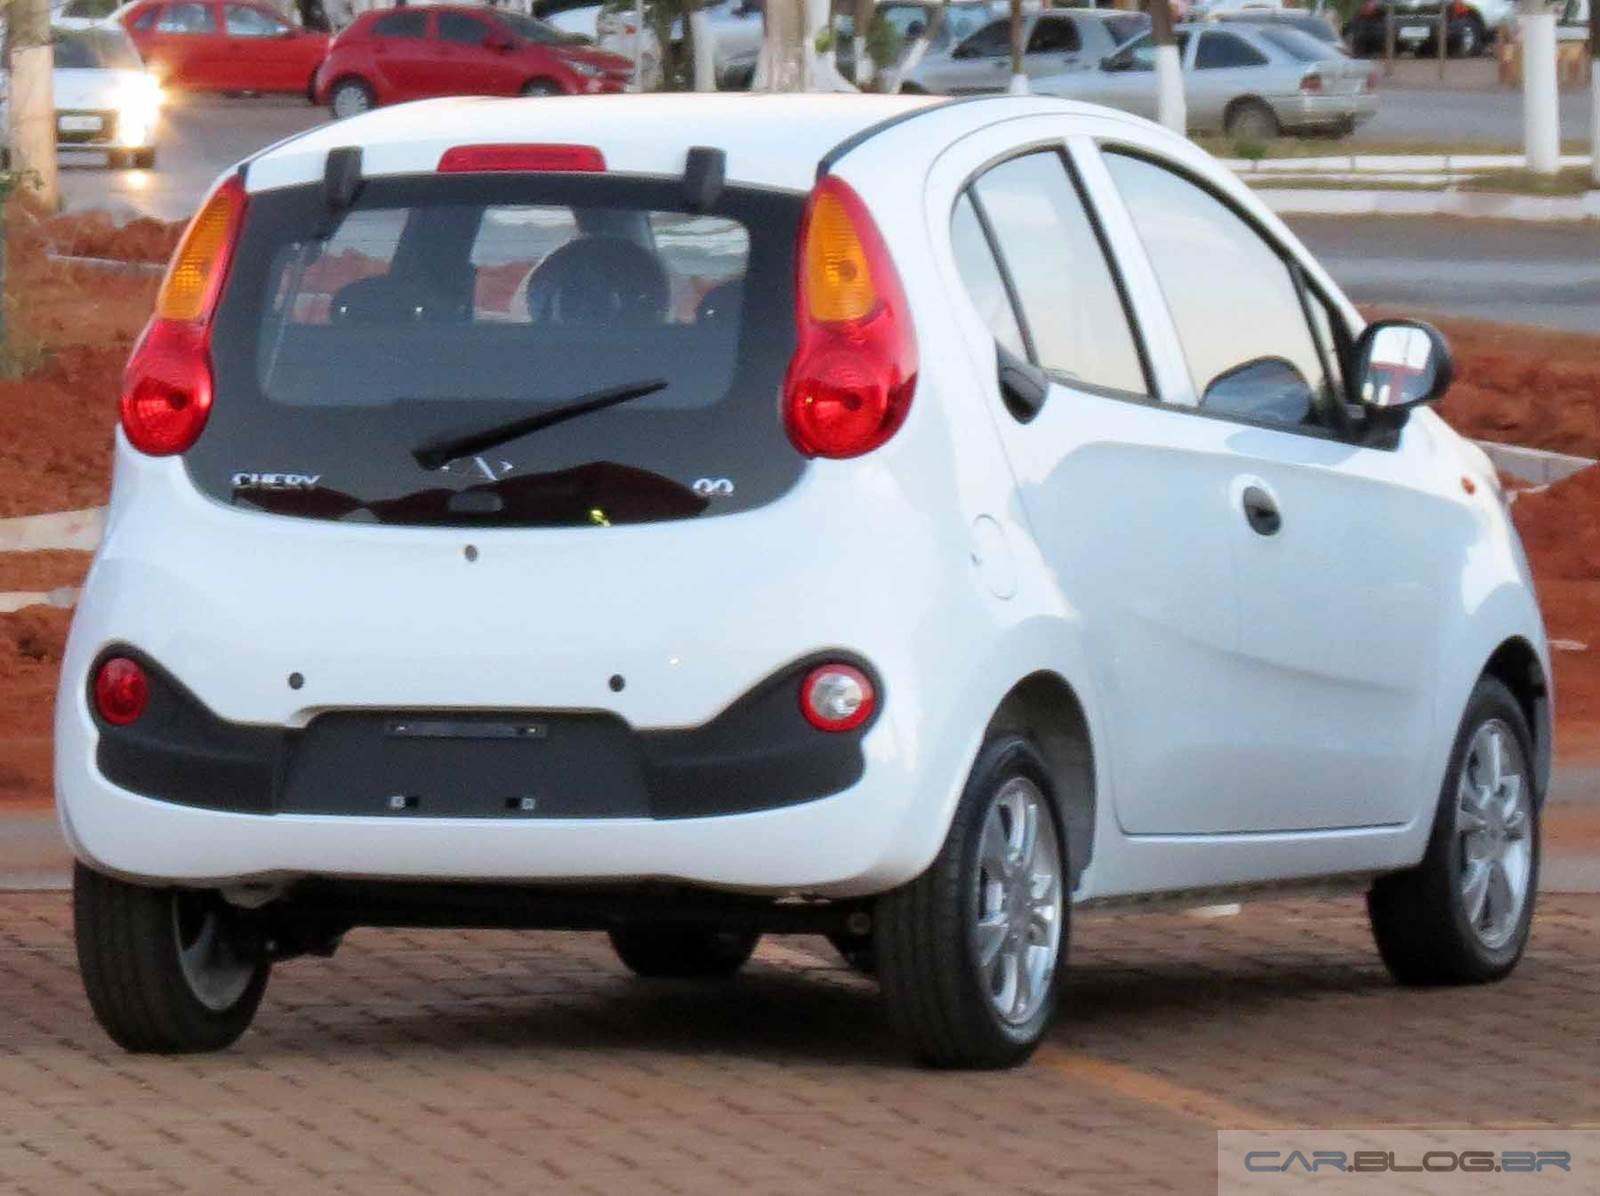 Chery New QQ 2015 está sendo vendido a R$ 26.990 reais | CAR.BLOG.BR